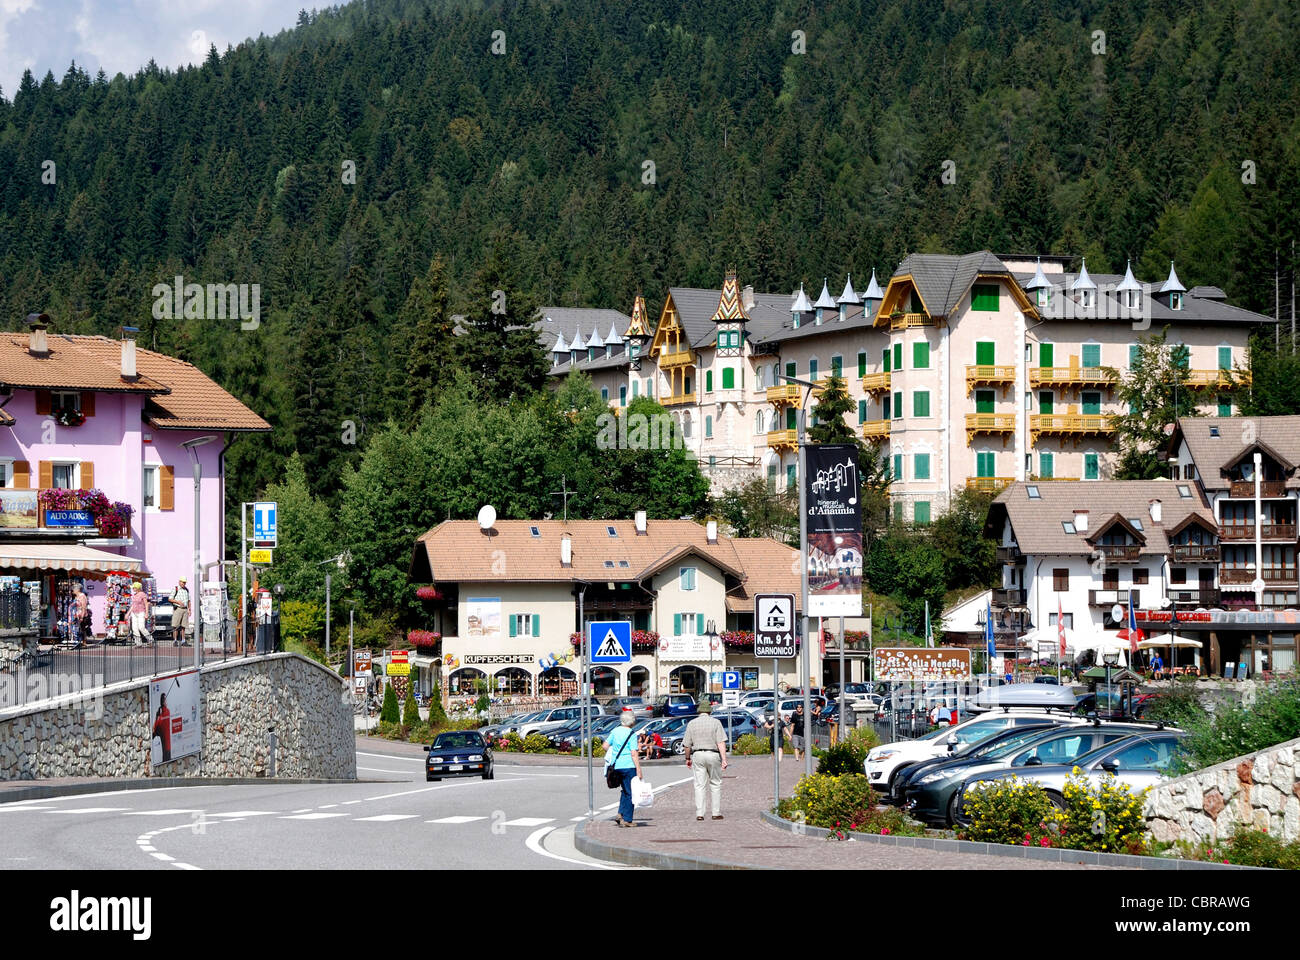 Il picco del Passo della Mendola in Alto Adige 1363 metri circa il livello del mare. Immagini Stock